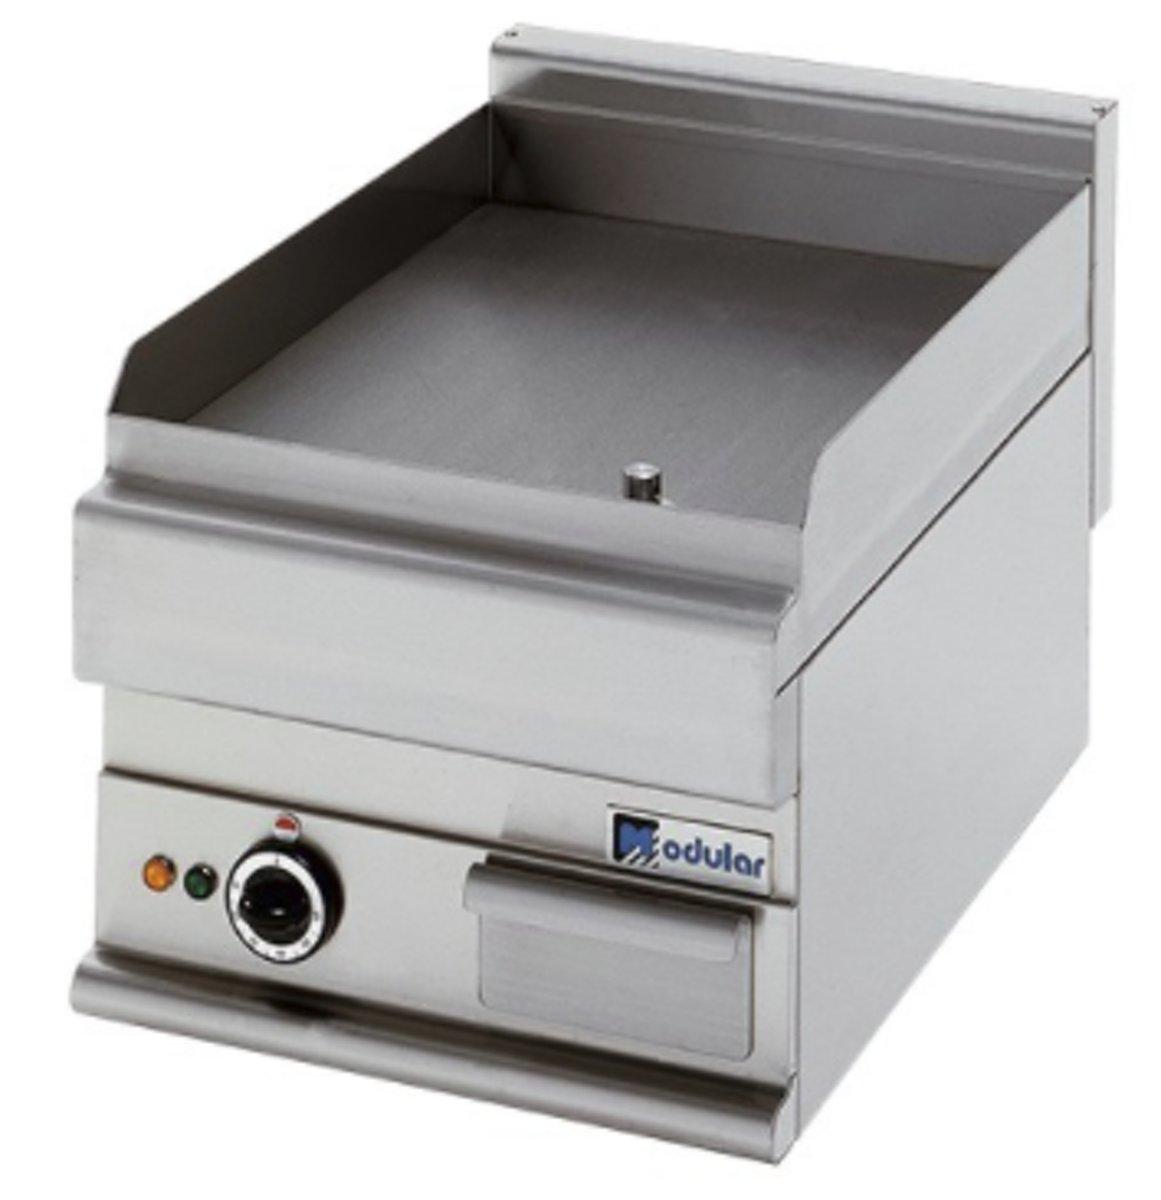 Modular 650 elektrische bakplaat met een vlakke plaat kopen